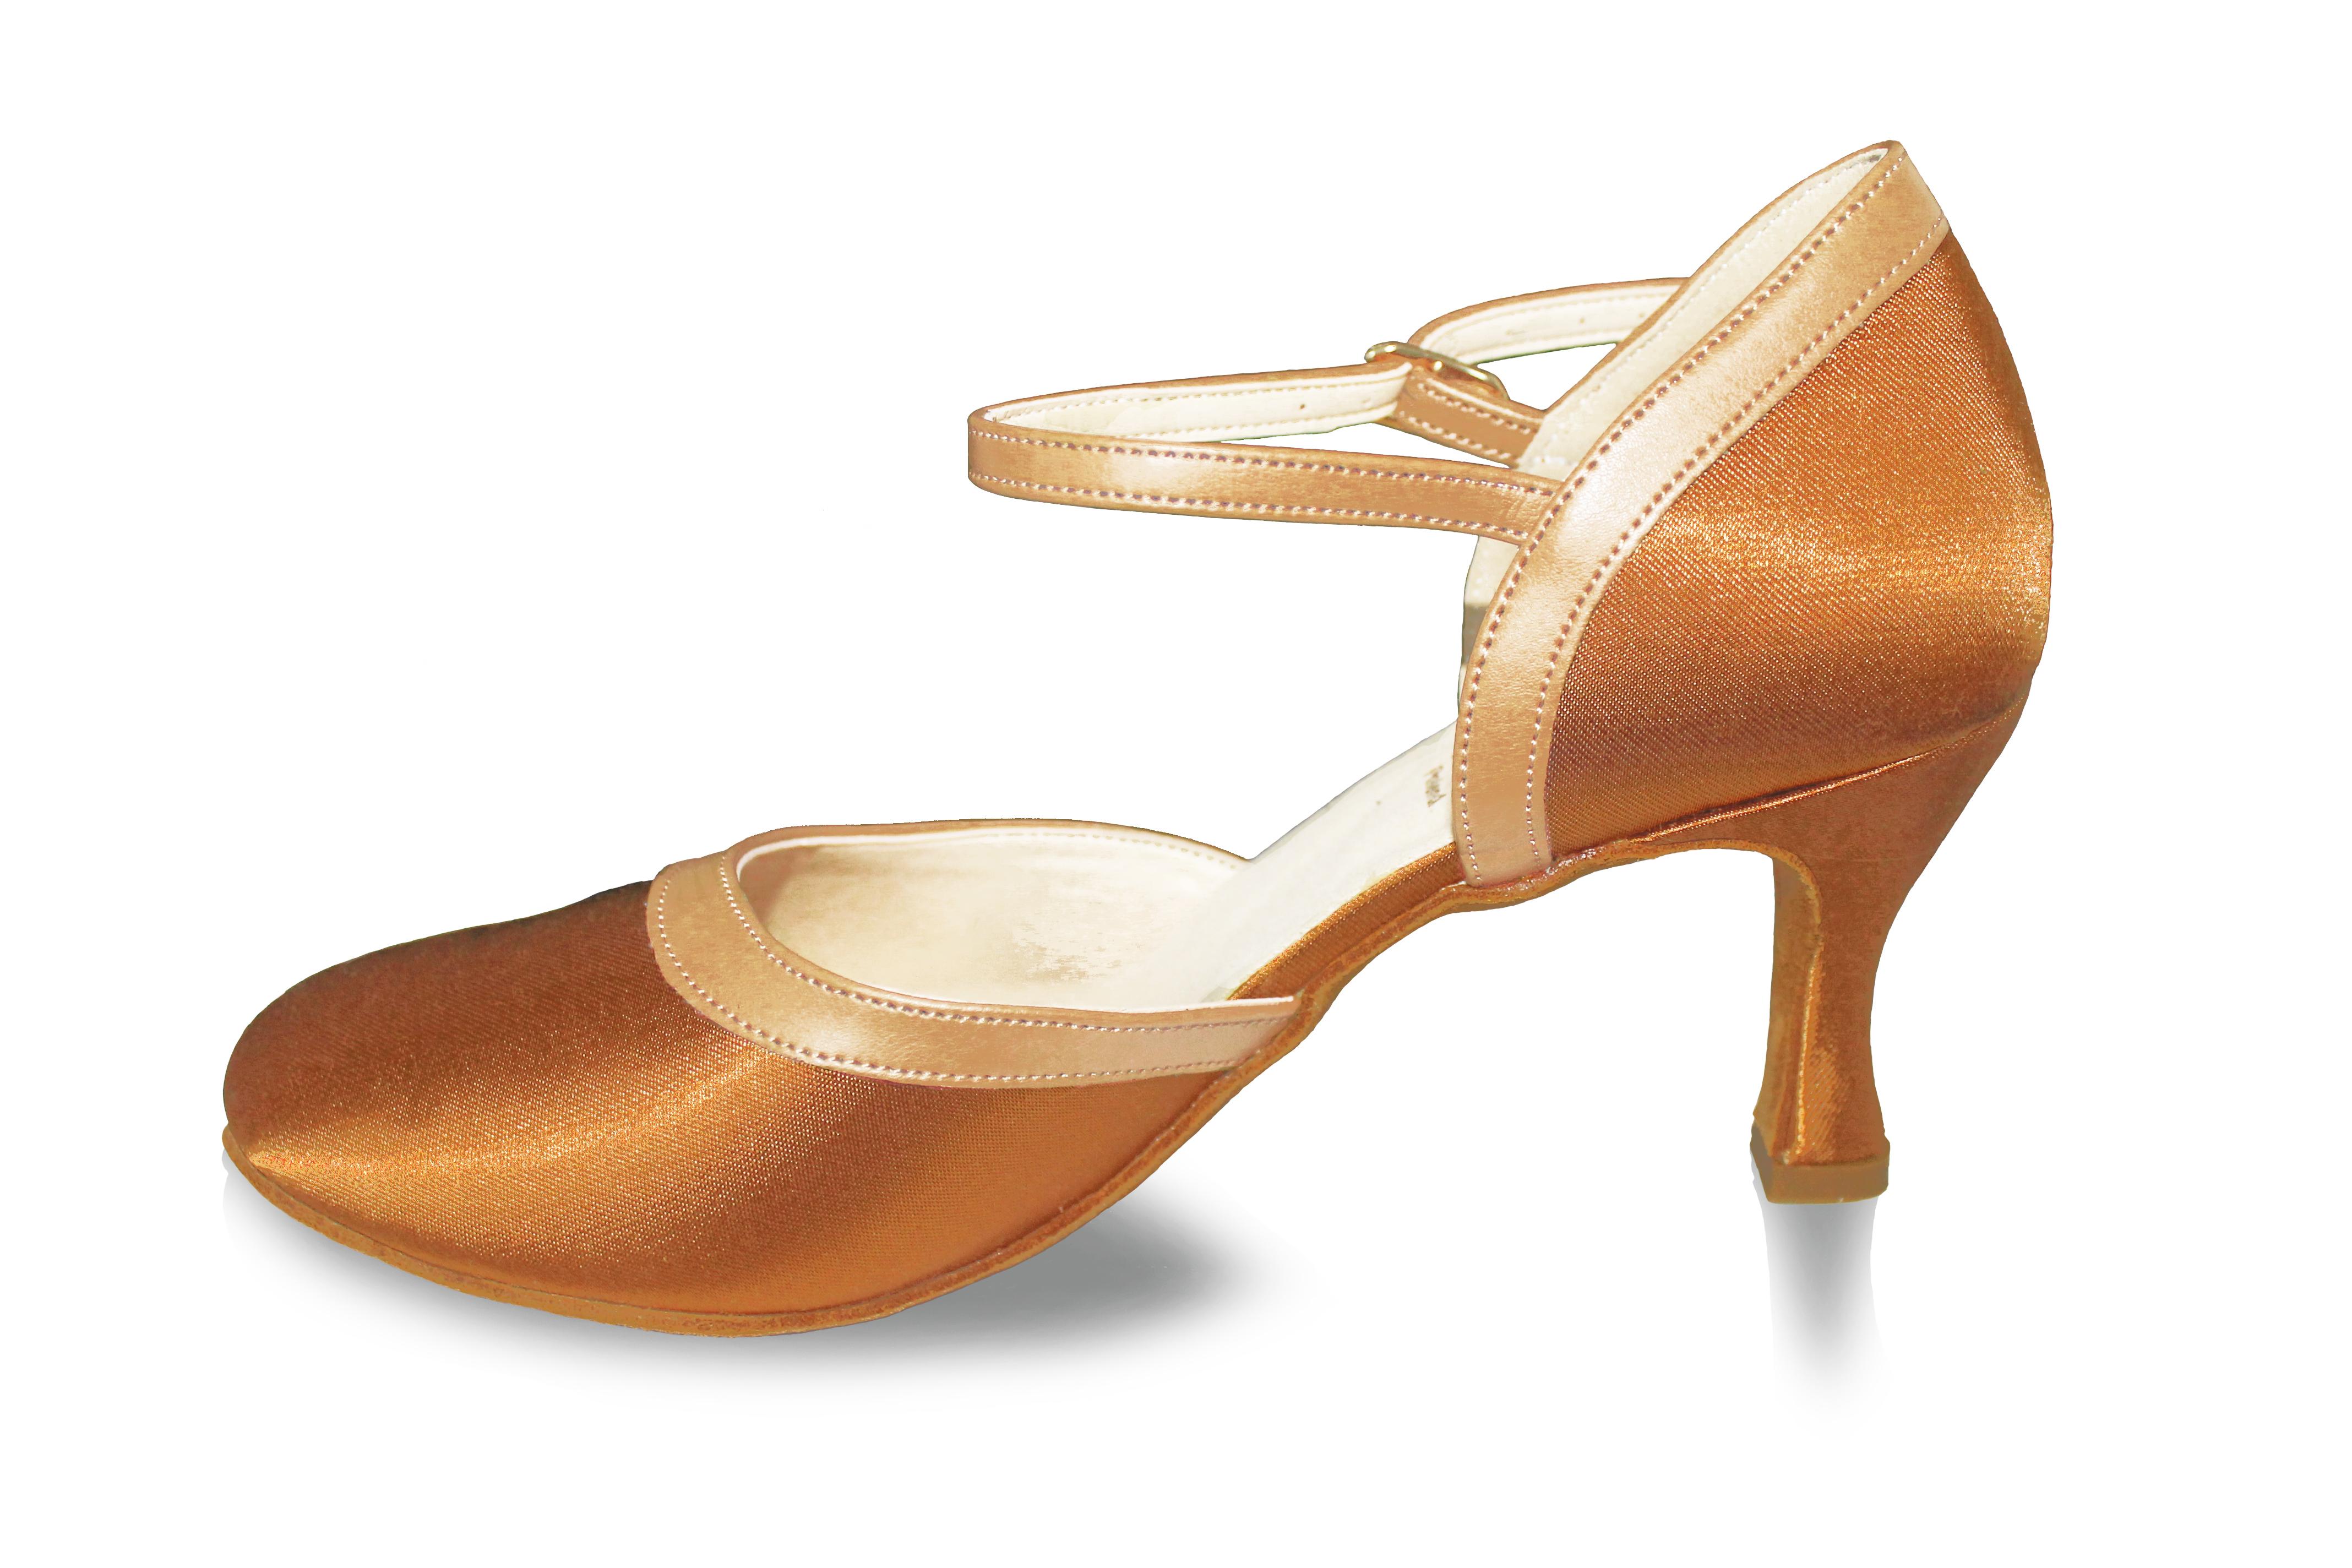 52dd164cc818 Tanečné topánky ARTIS - DA-3 is 7 cm flare telové